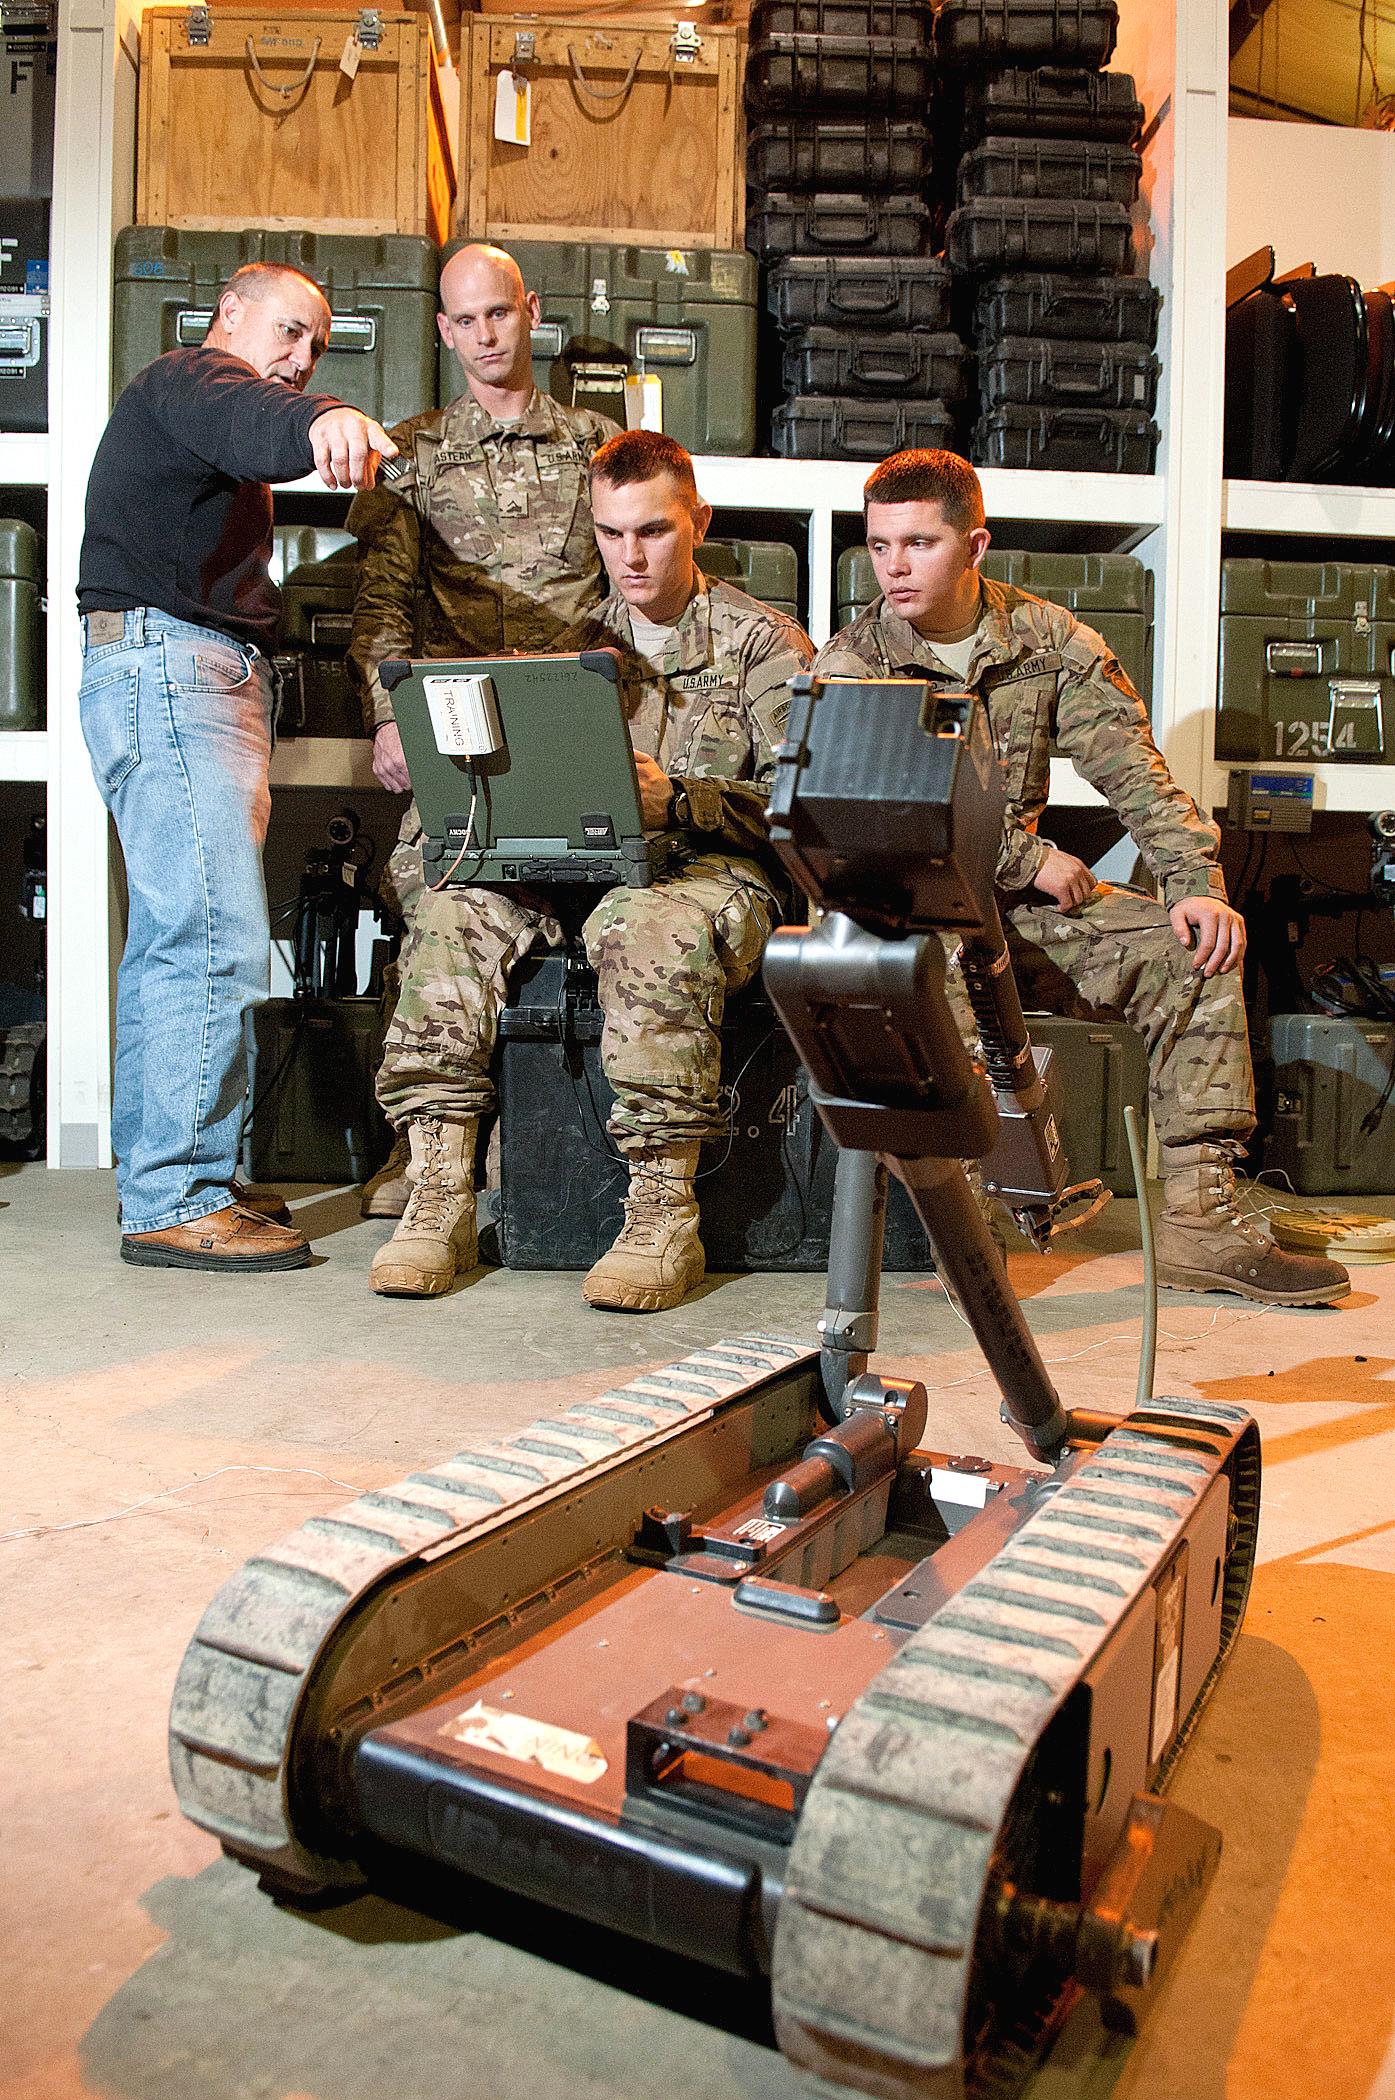 Un entrenador civil muestra a los paracaidistas cómo configurar la pantalla para un robot de campo de batalla PackBot. Tan inexpresivos como pueden parecer estos robots, los soldados en el campo desarrollan vínculos con ellos, viéndolos como parte del equipo.